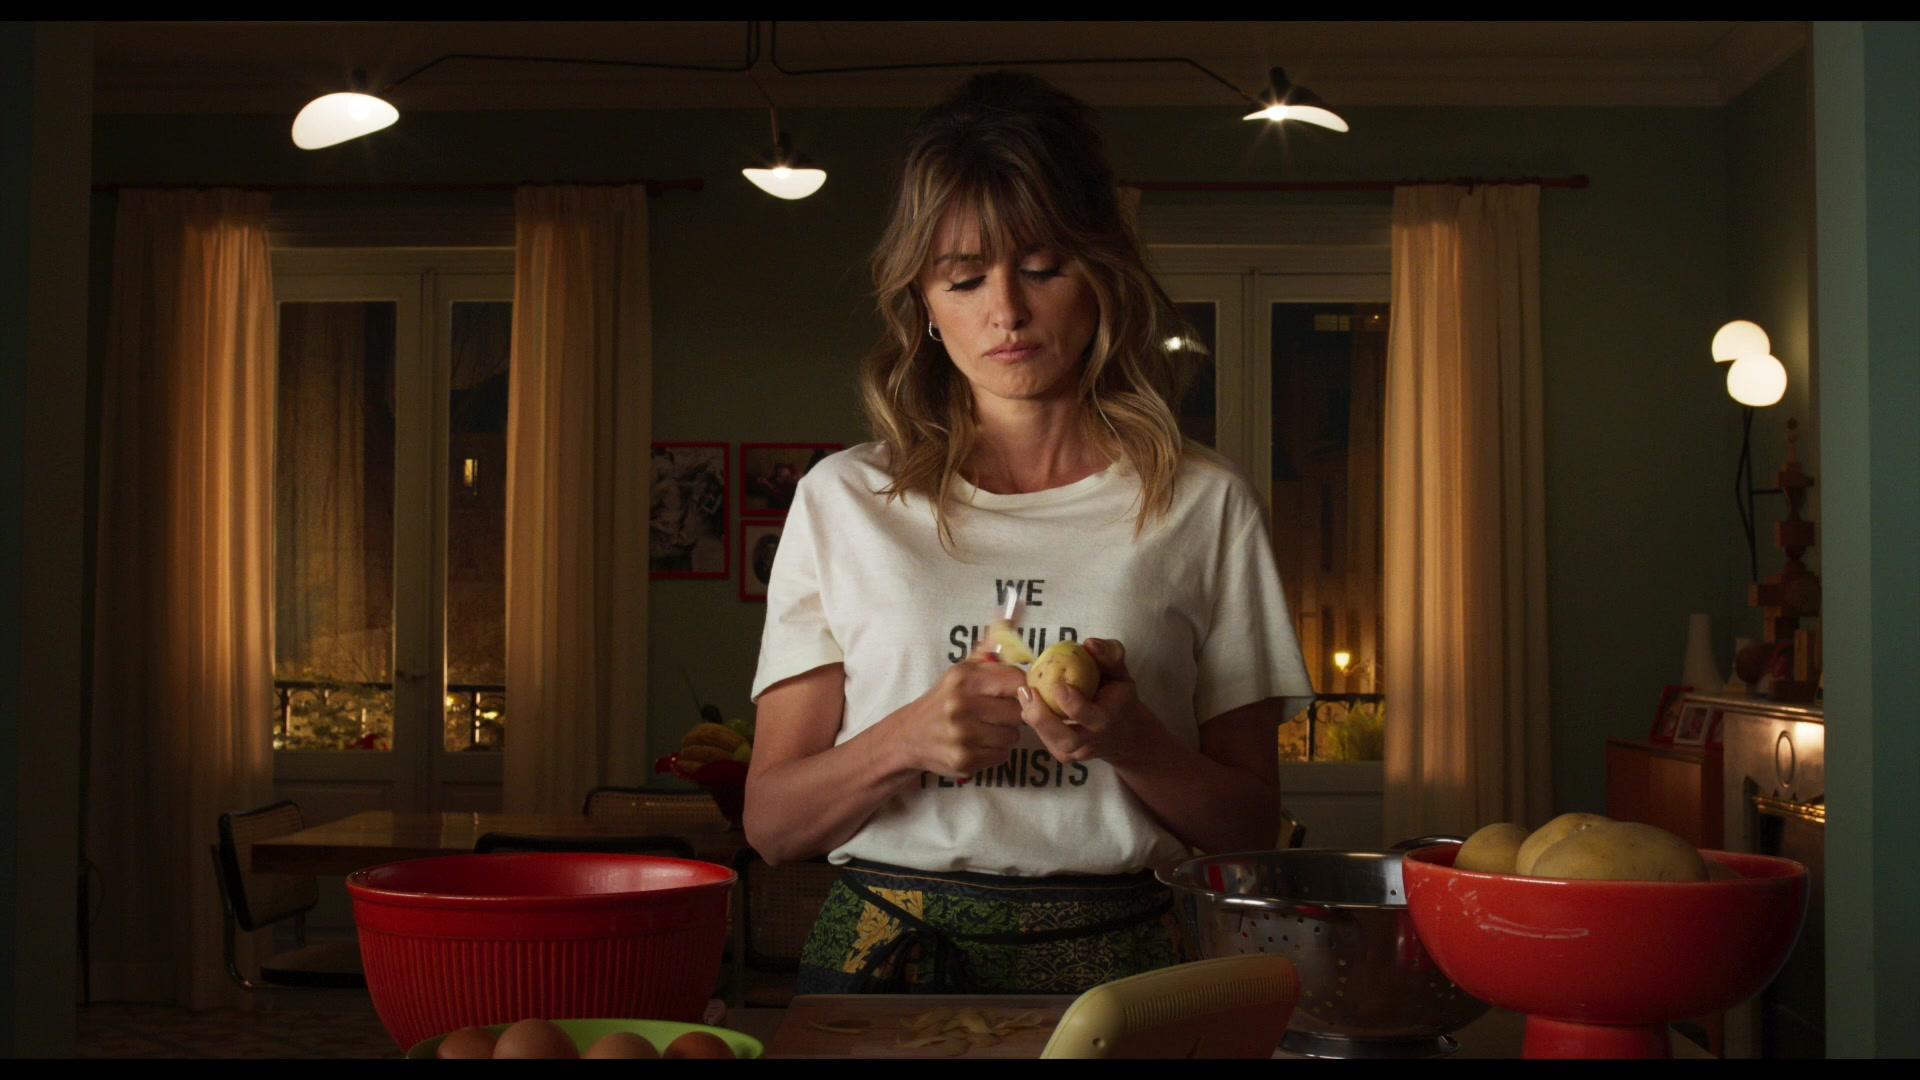 Новый трейлер фильма «Параллельные матери» – Трейлер (дублированный) 01:29 FullHD